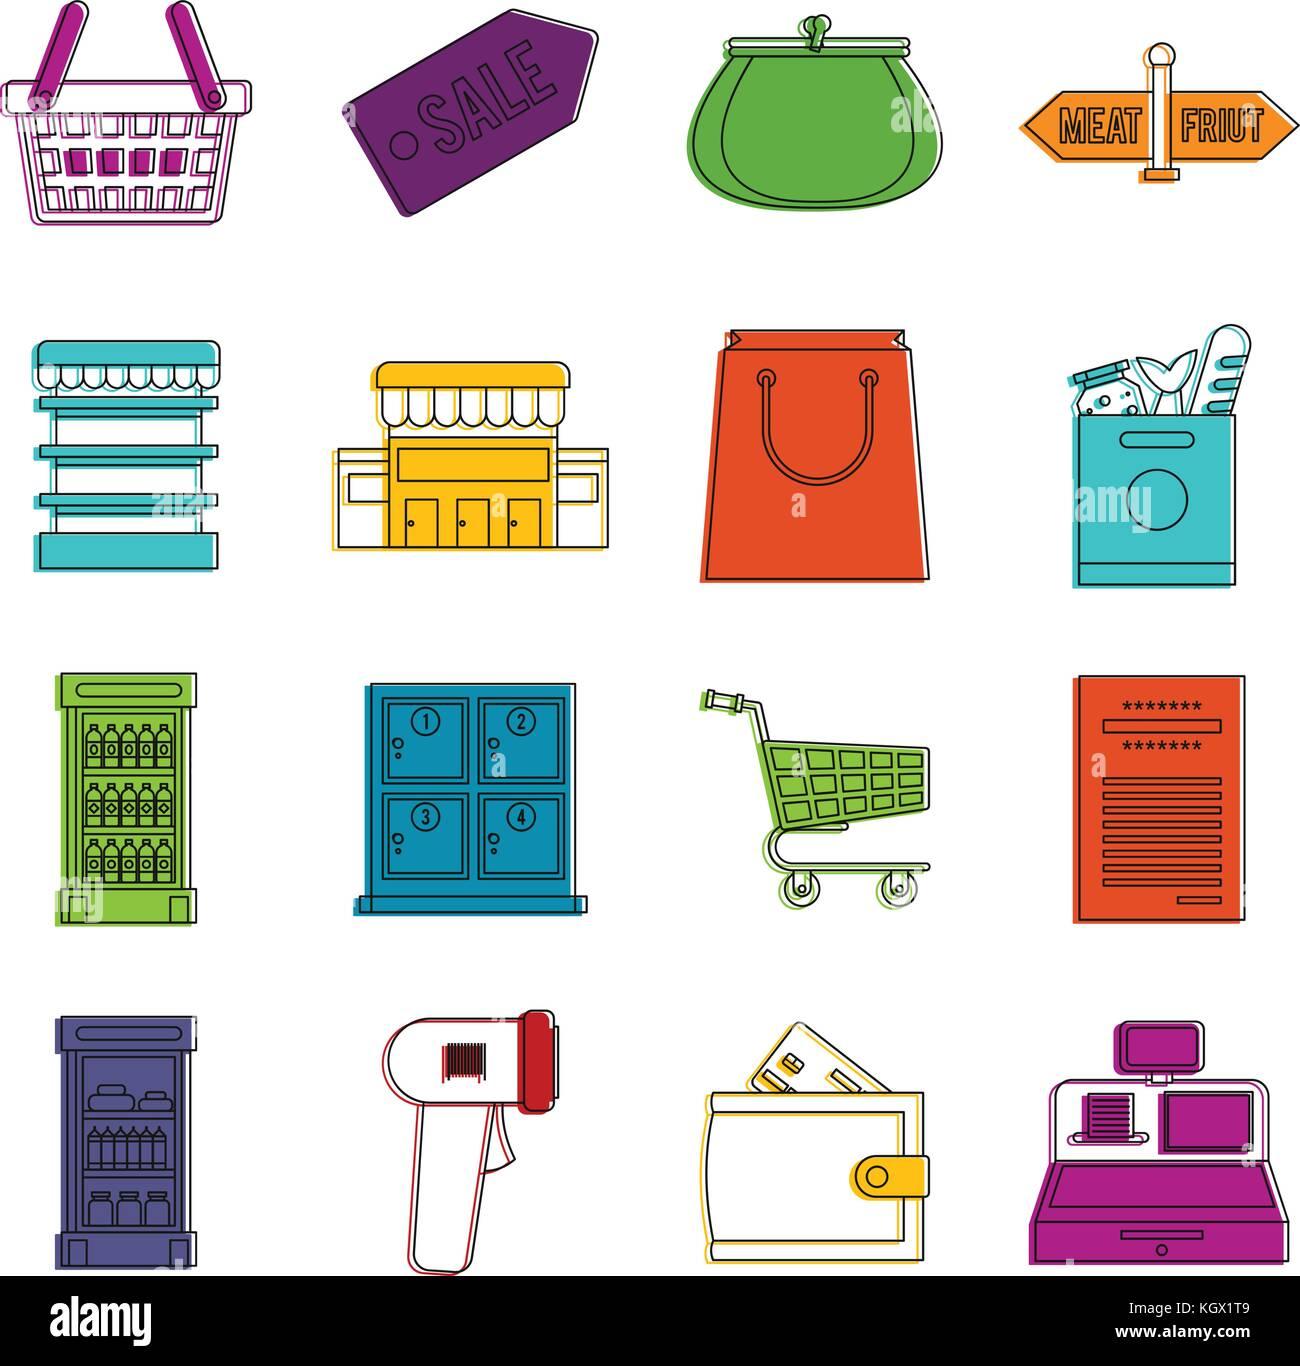 Supermarket icons doodle set - Stock Image